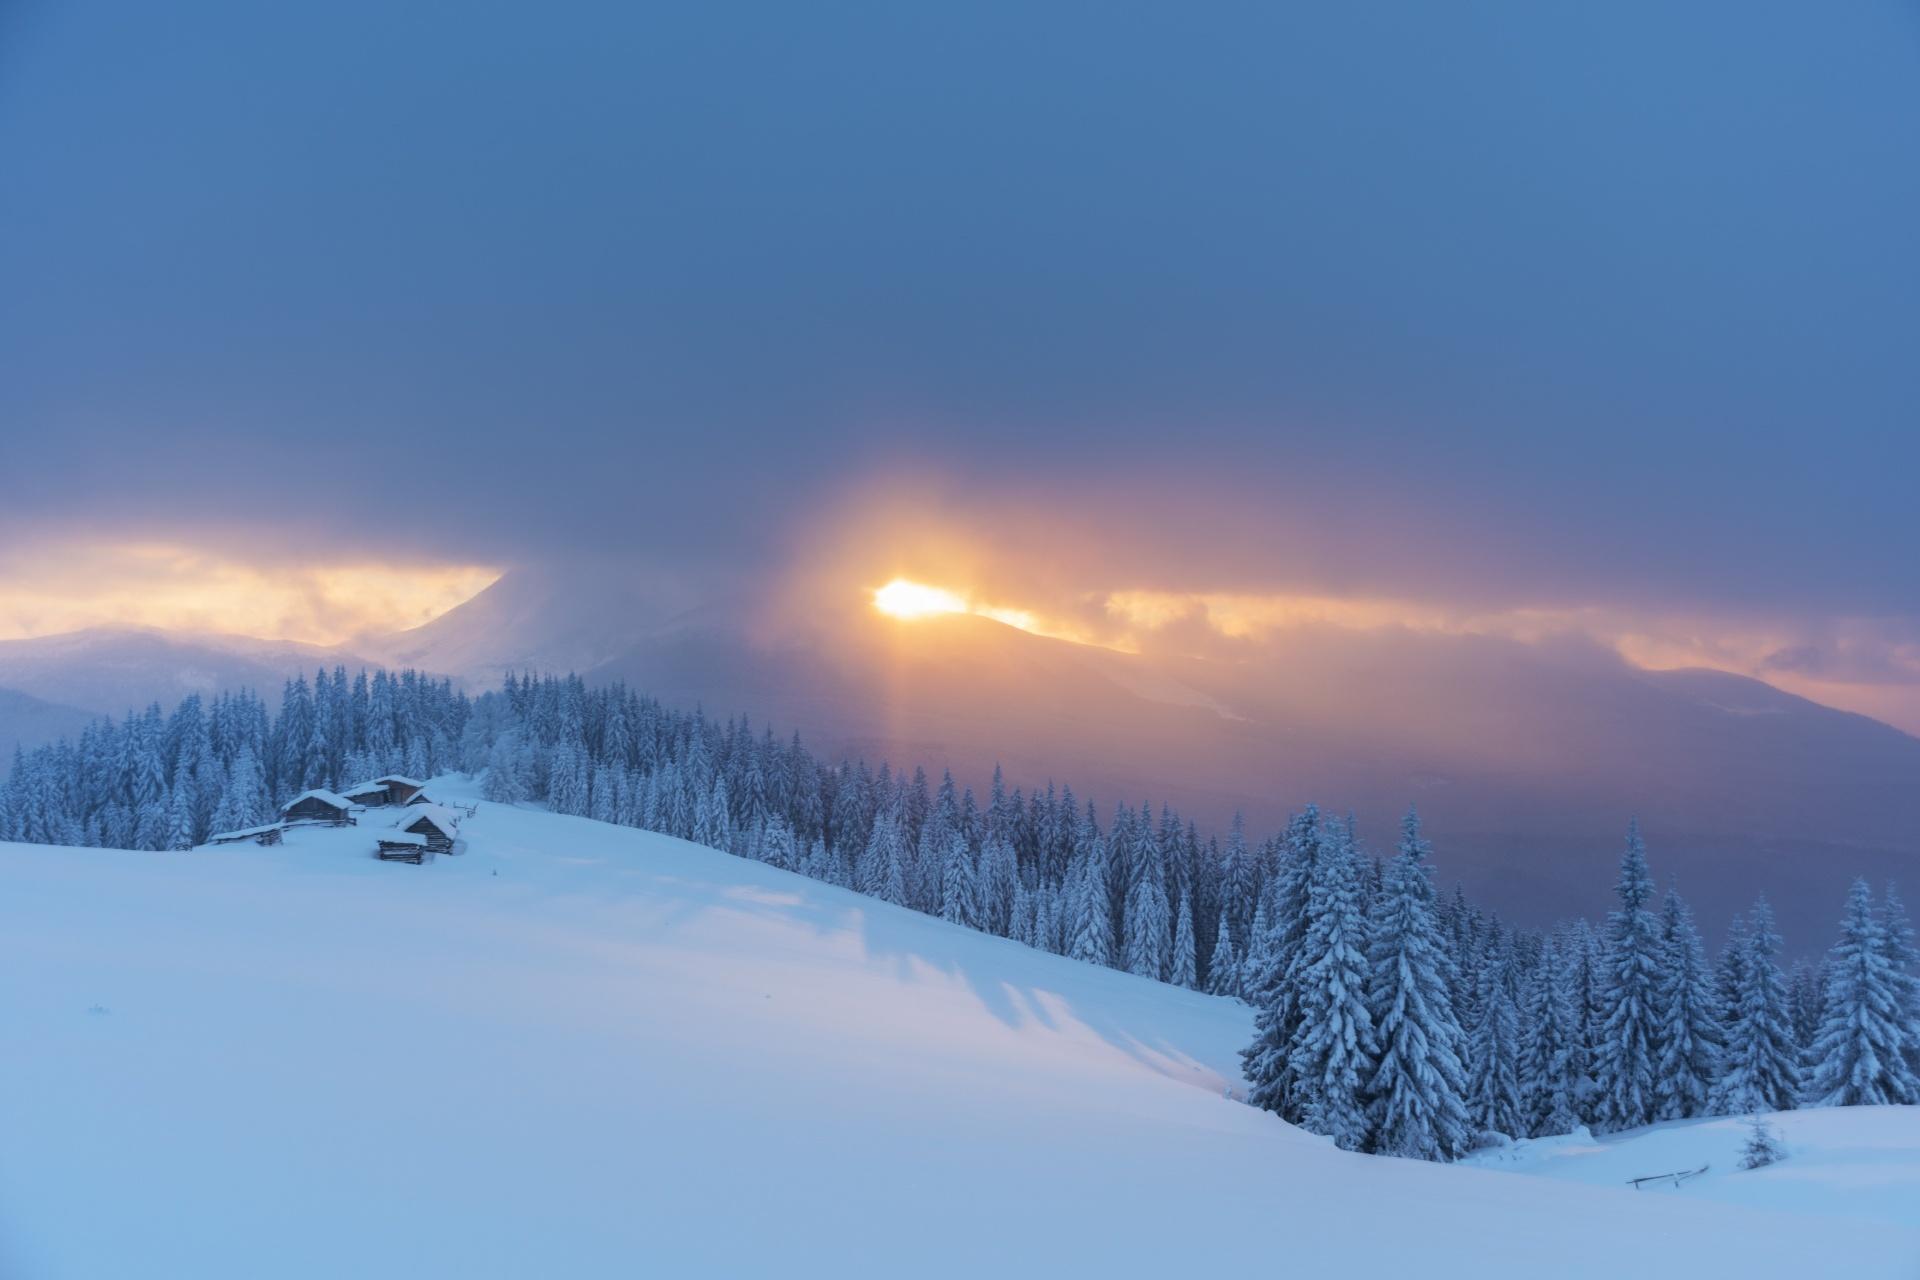 冬のカルパティア山脈の朝の風景 ウクライナの風景